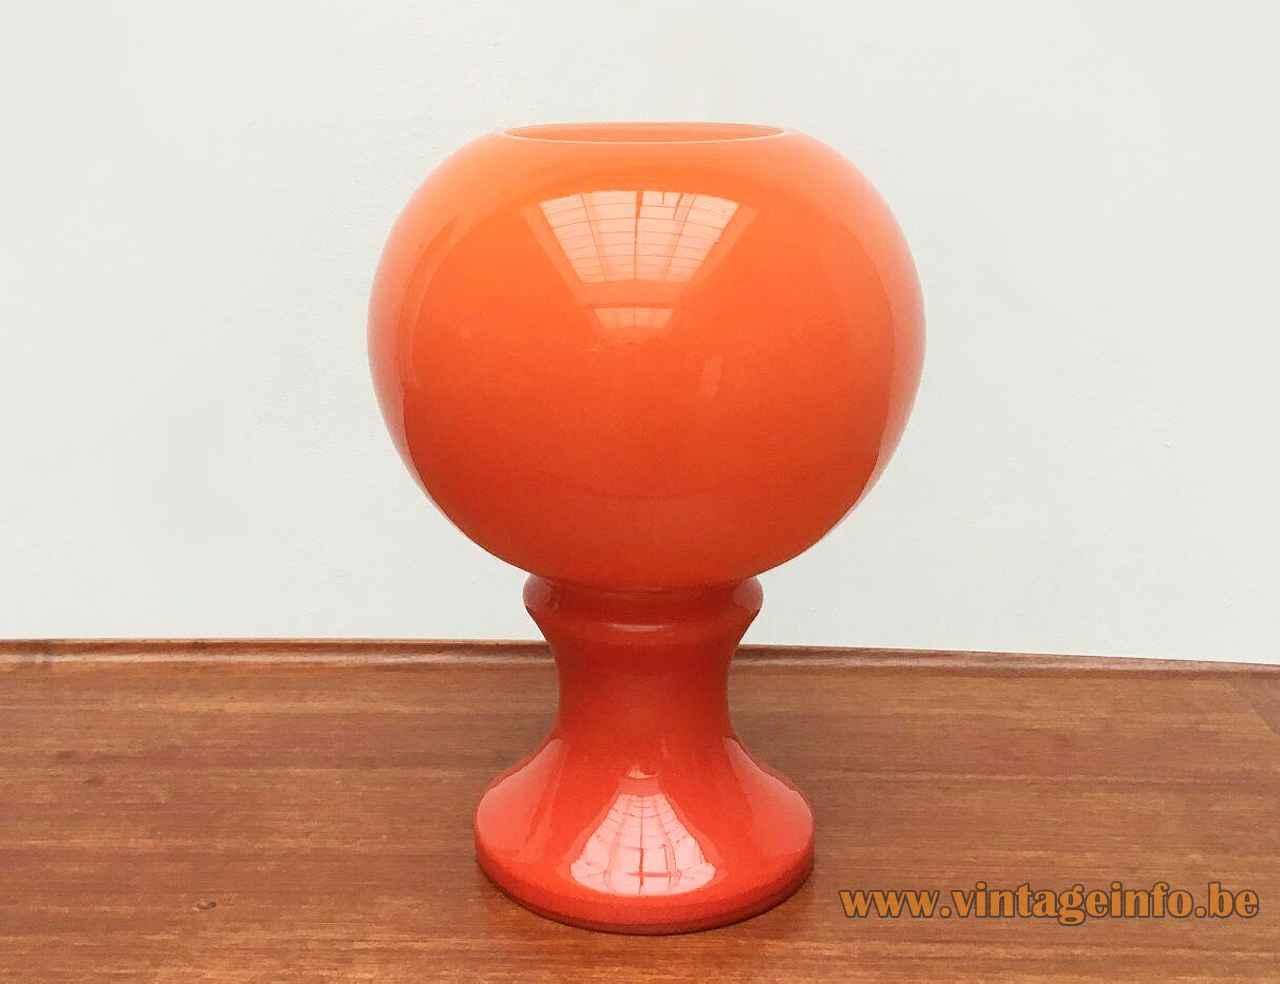 Ingo Maurer ML 32 table lamp 1967 design round orange base & globe lampshade Design M Germany